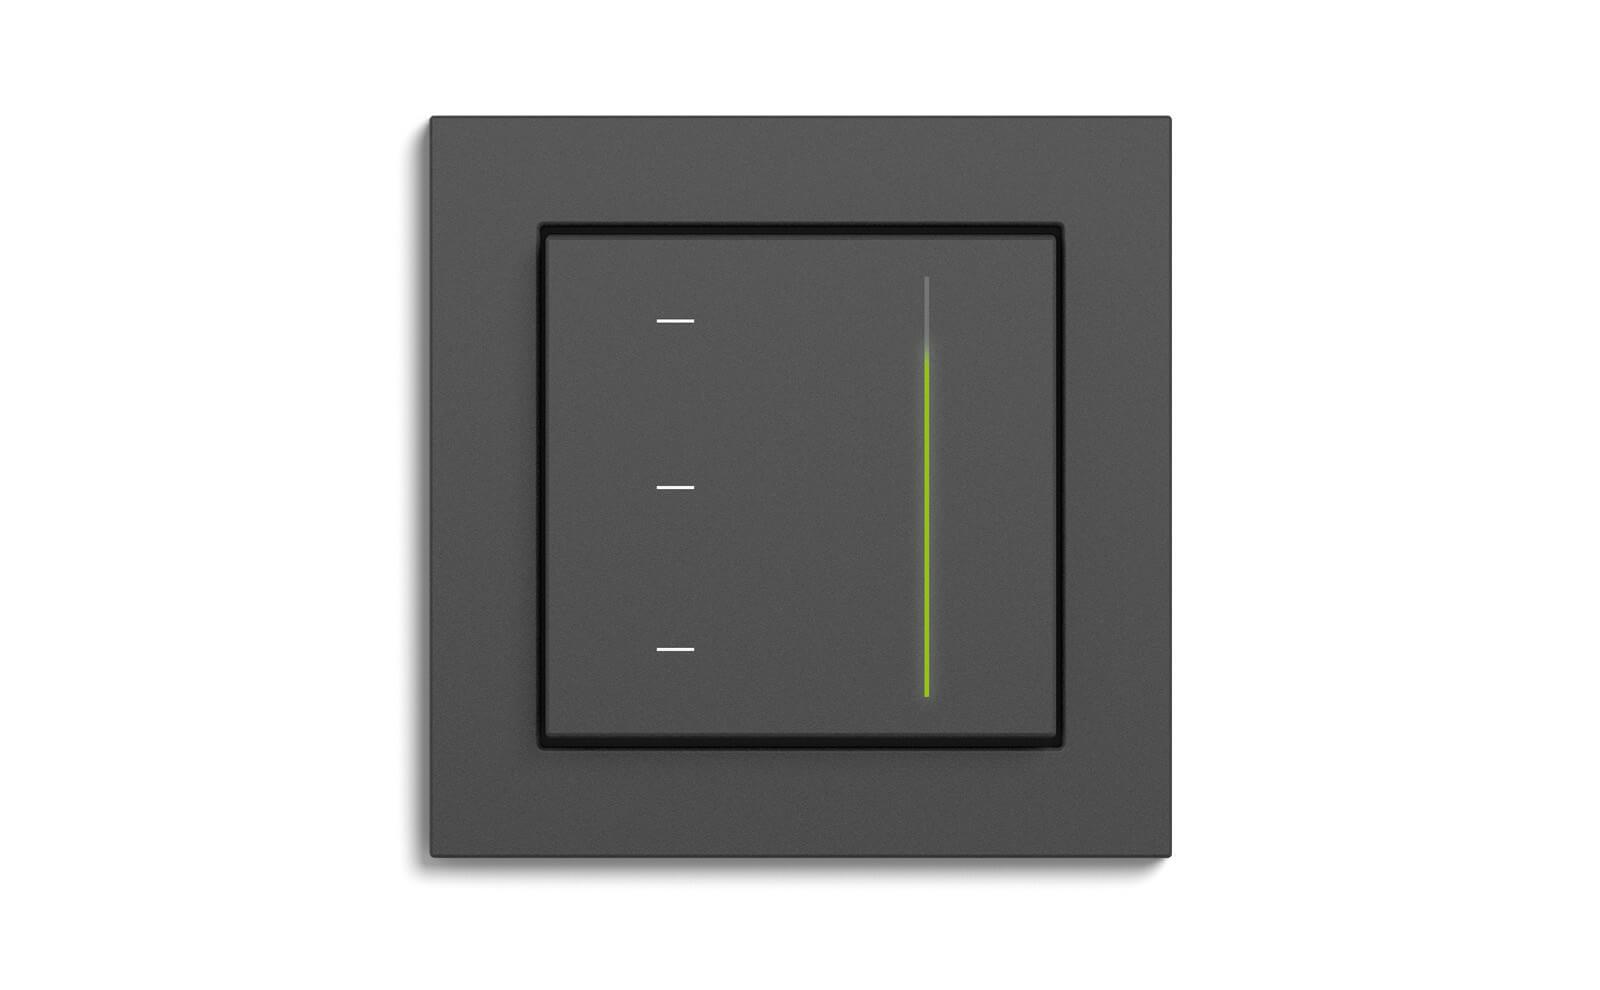 Gira System 3000 Touchaufsatz zur Lichtsteuerung mit dem Rahmen Gira E2